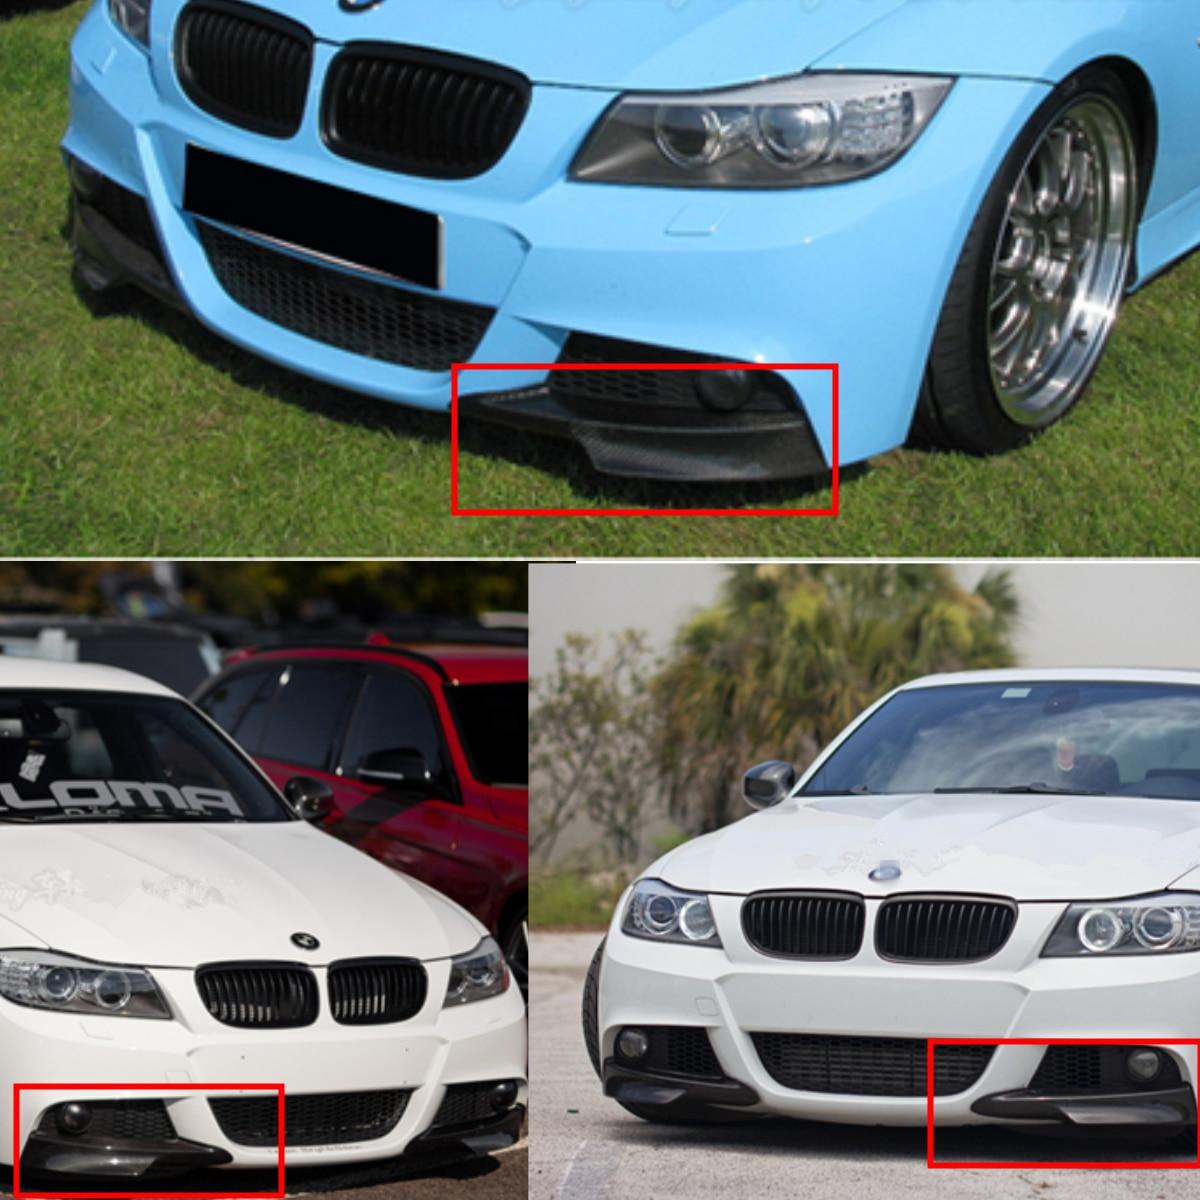 Véritable Fiber de carbone/résine universel pare-chocs avant de voiture protecteur de lèvre Spoile séparateur latéral pour BMW E90 335i LCI m-tech - 2